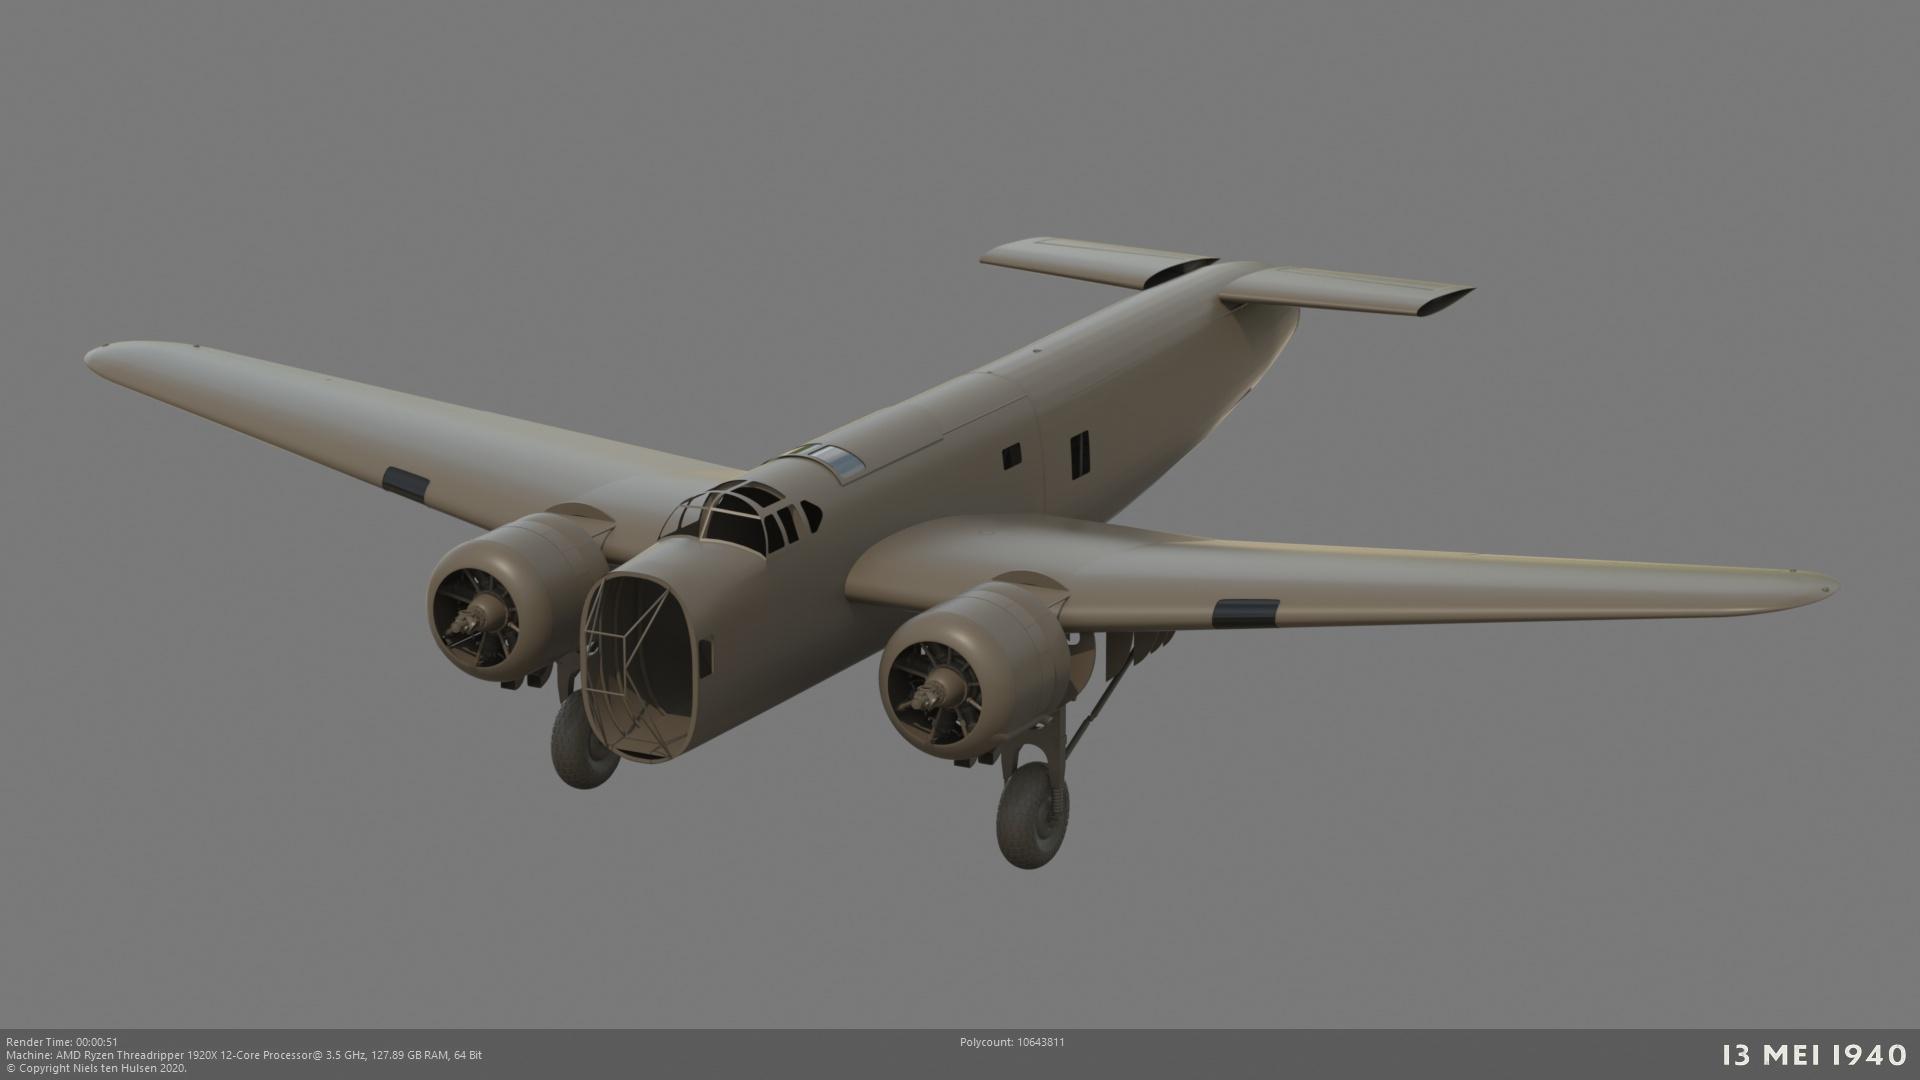 Naam: 001_FokkerT5_motor14.jpg Bekeken: 107 Grootte: 180,9 KB